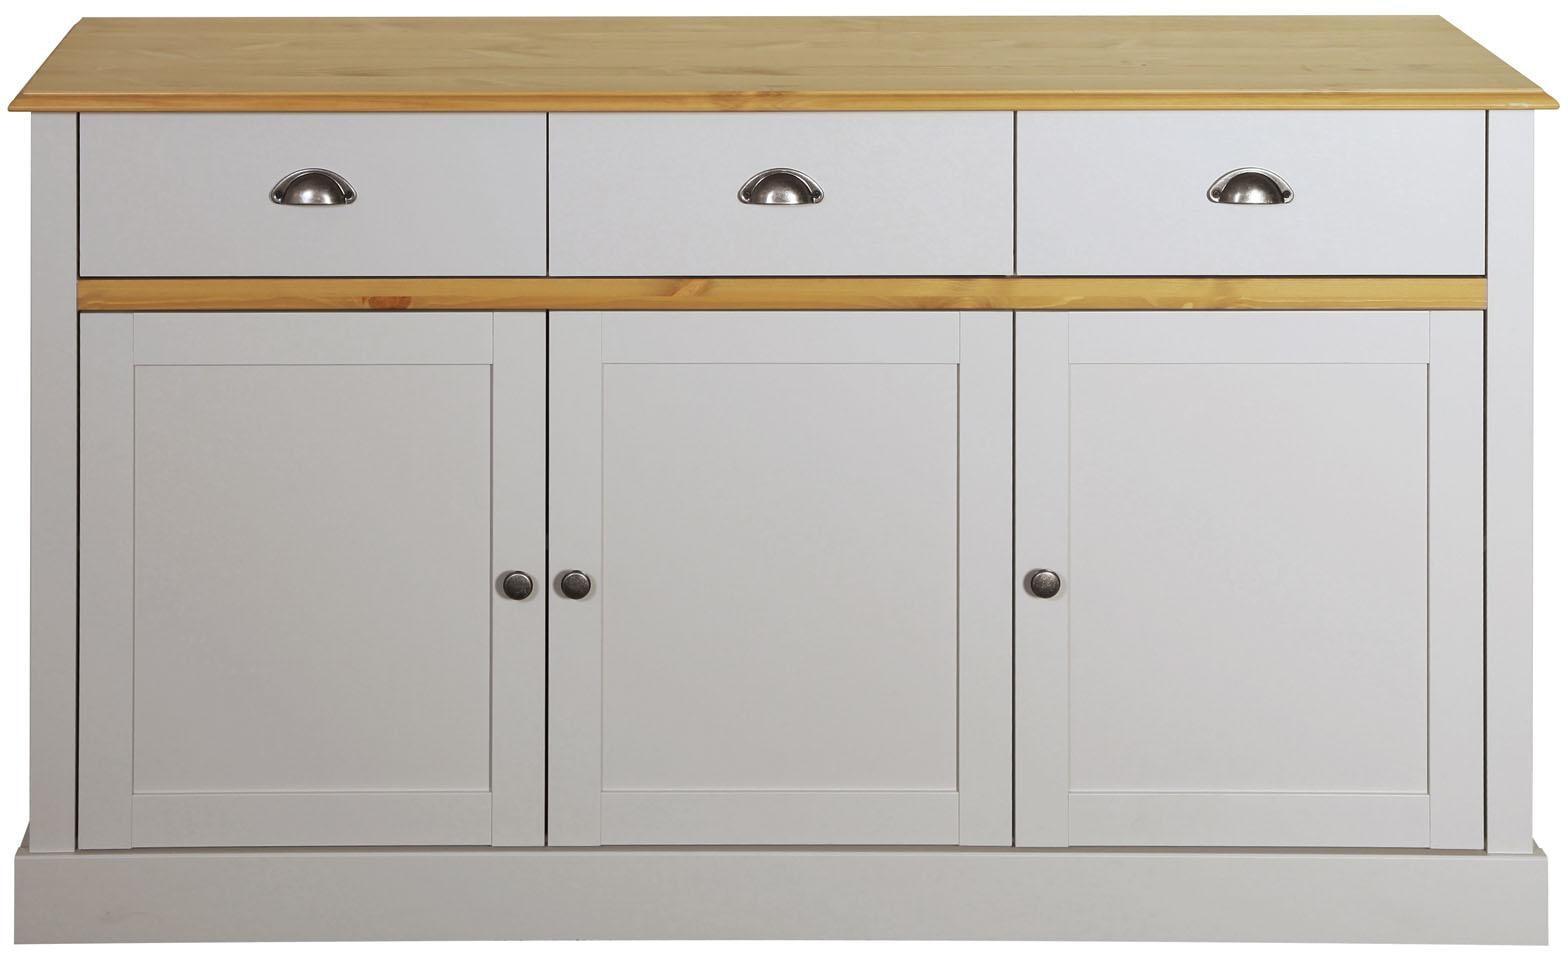 Home affaire Sideboard Sandringham mit 3 Türen und 3 Schubladen Breite 144 cm